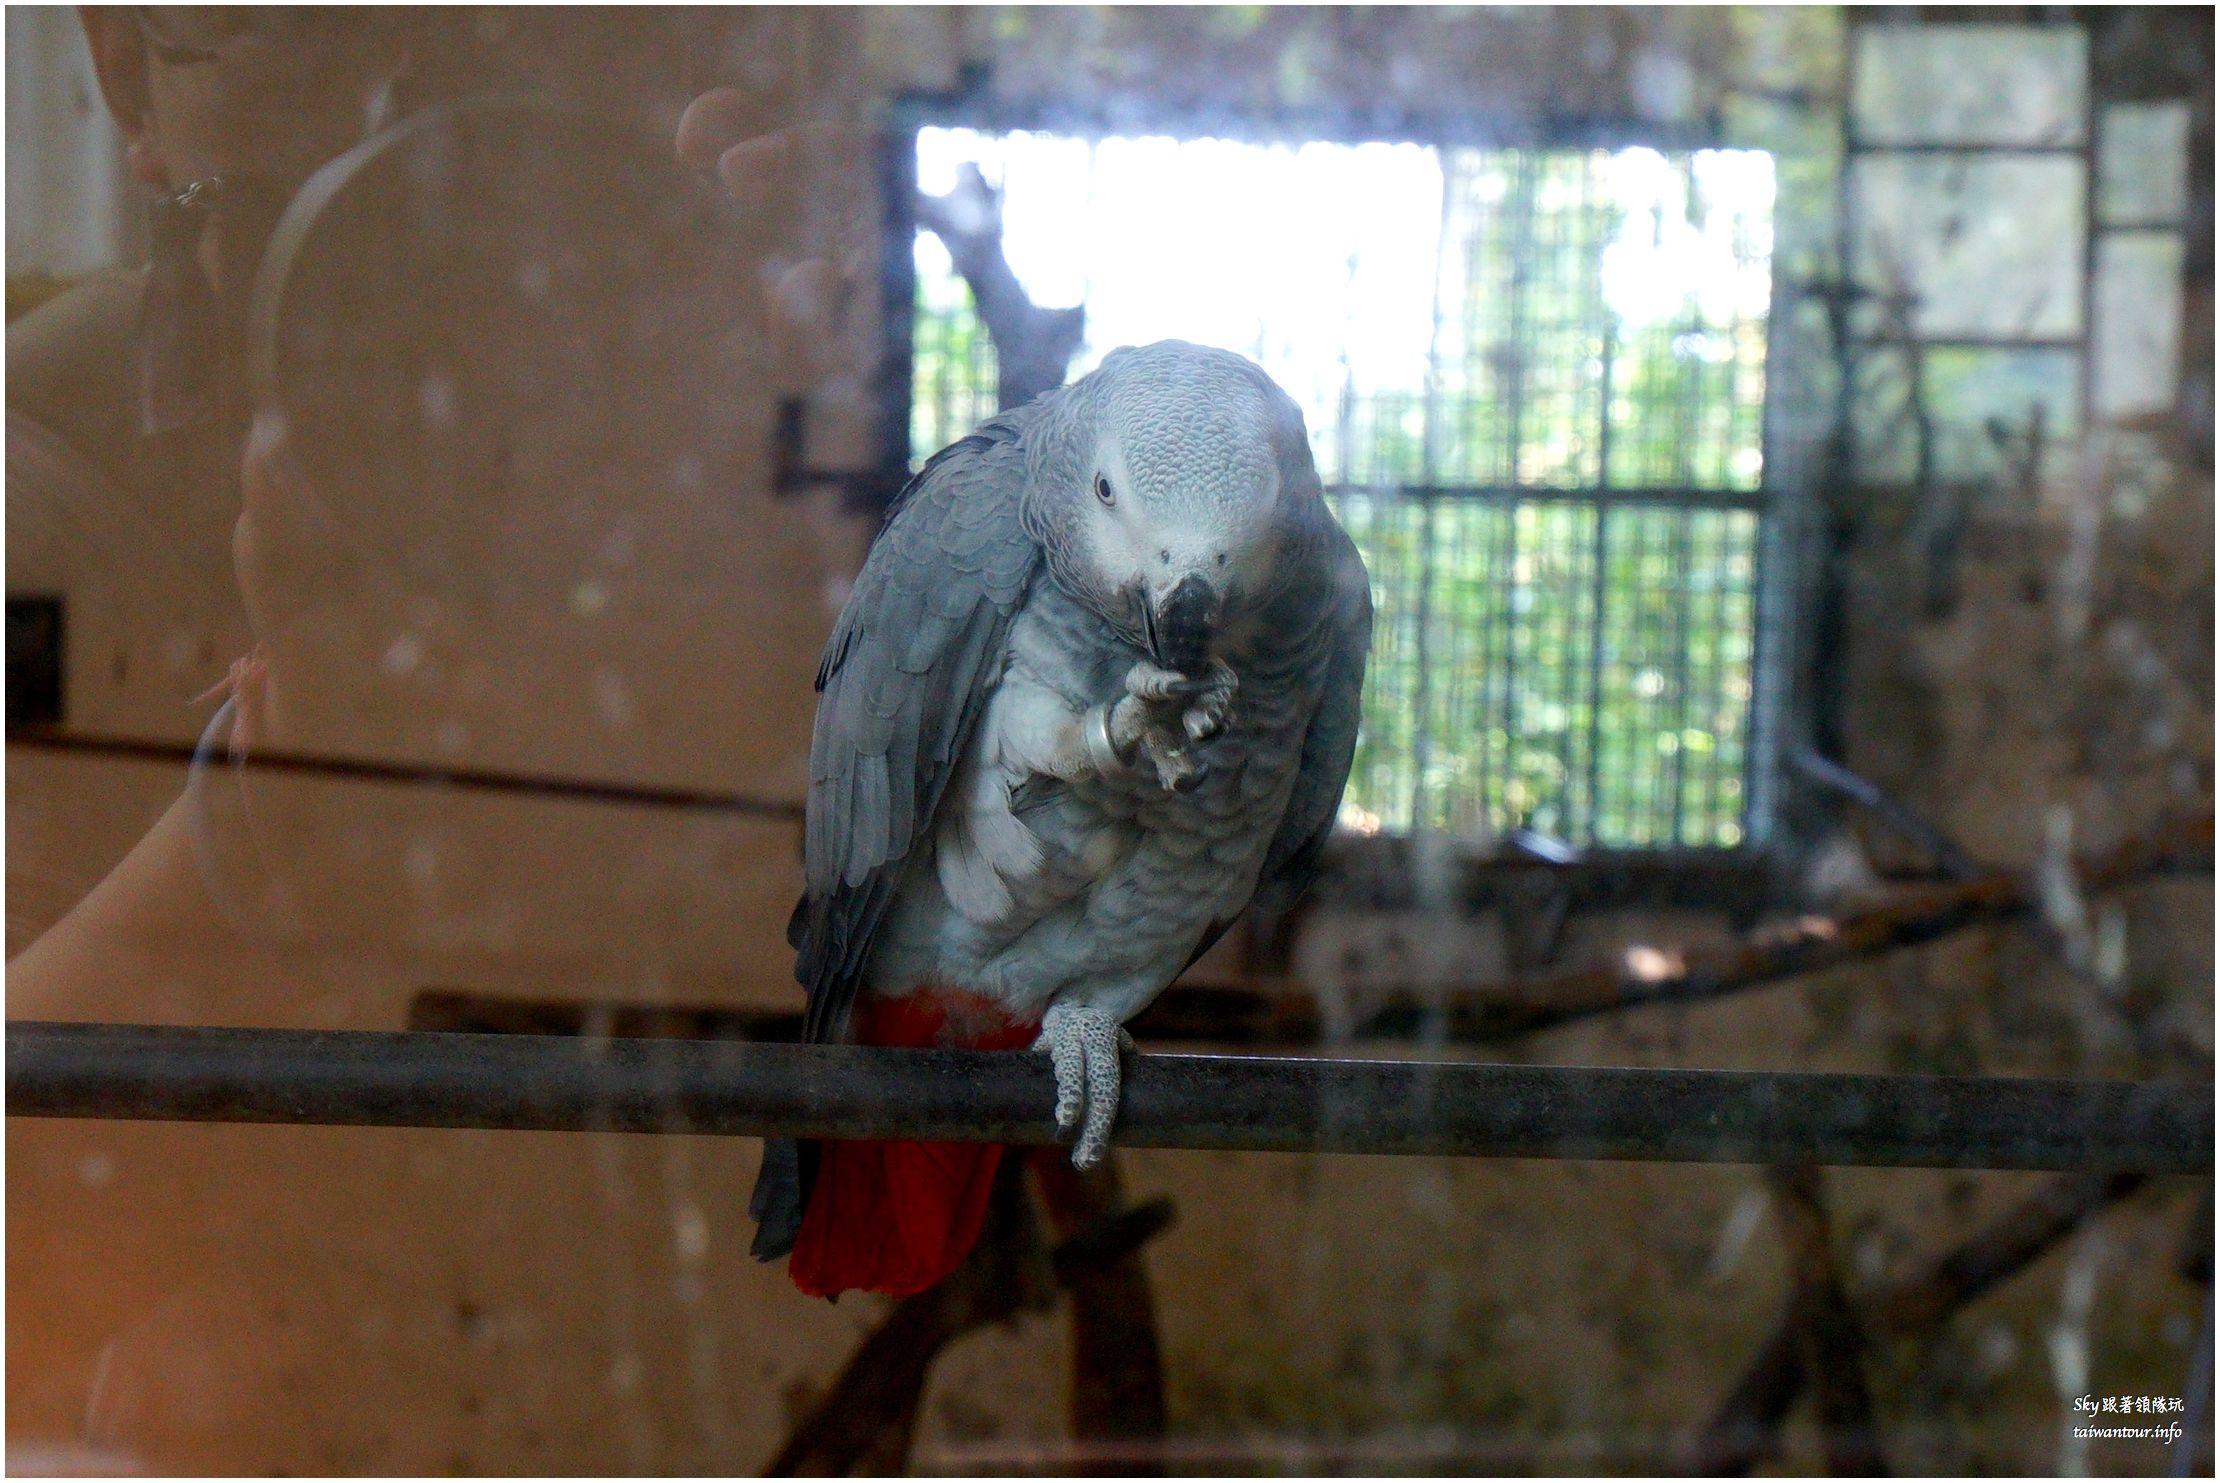 南投景點推薦鳳凰谷鳥園溜滑梯瀑布國立自然科學博物館DSC00292_结果